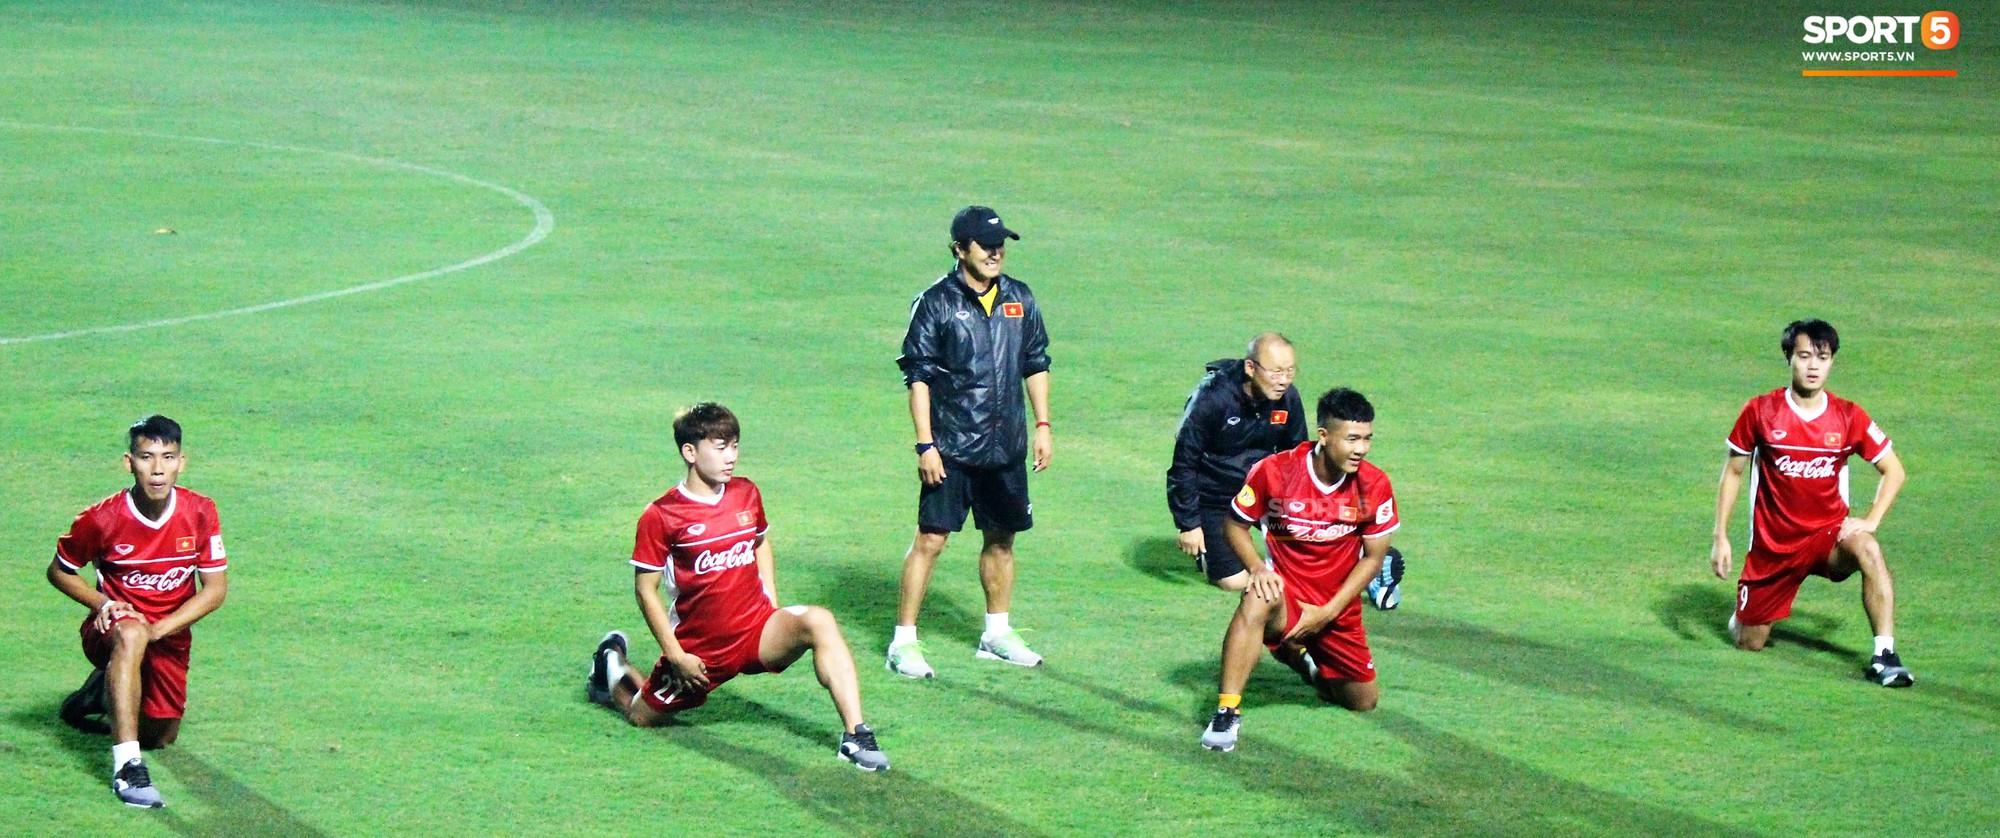 Đức Chinh chạy trốn, Đình Trọng và Minh Vương bị HLV Park Hang Seo lột giày vì không mang tất đúng chuẩn-3